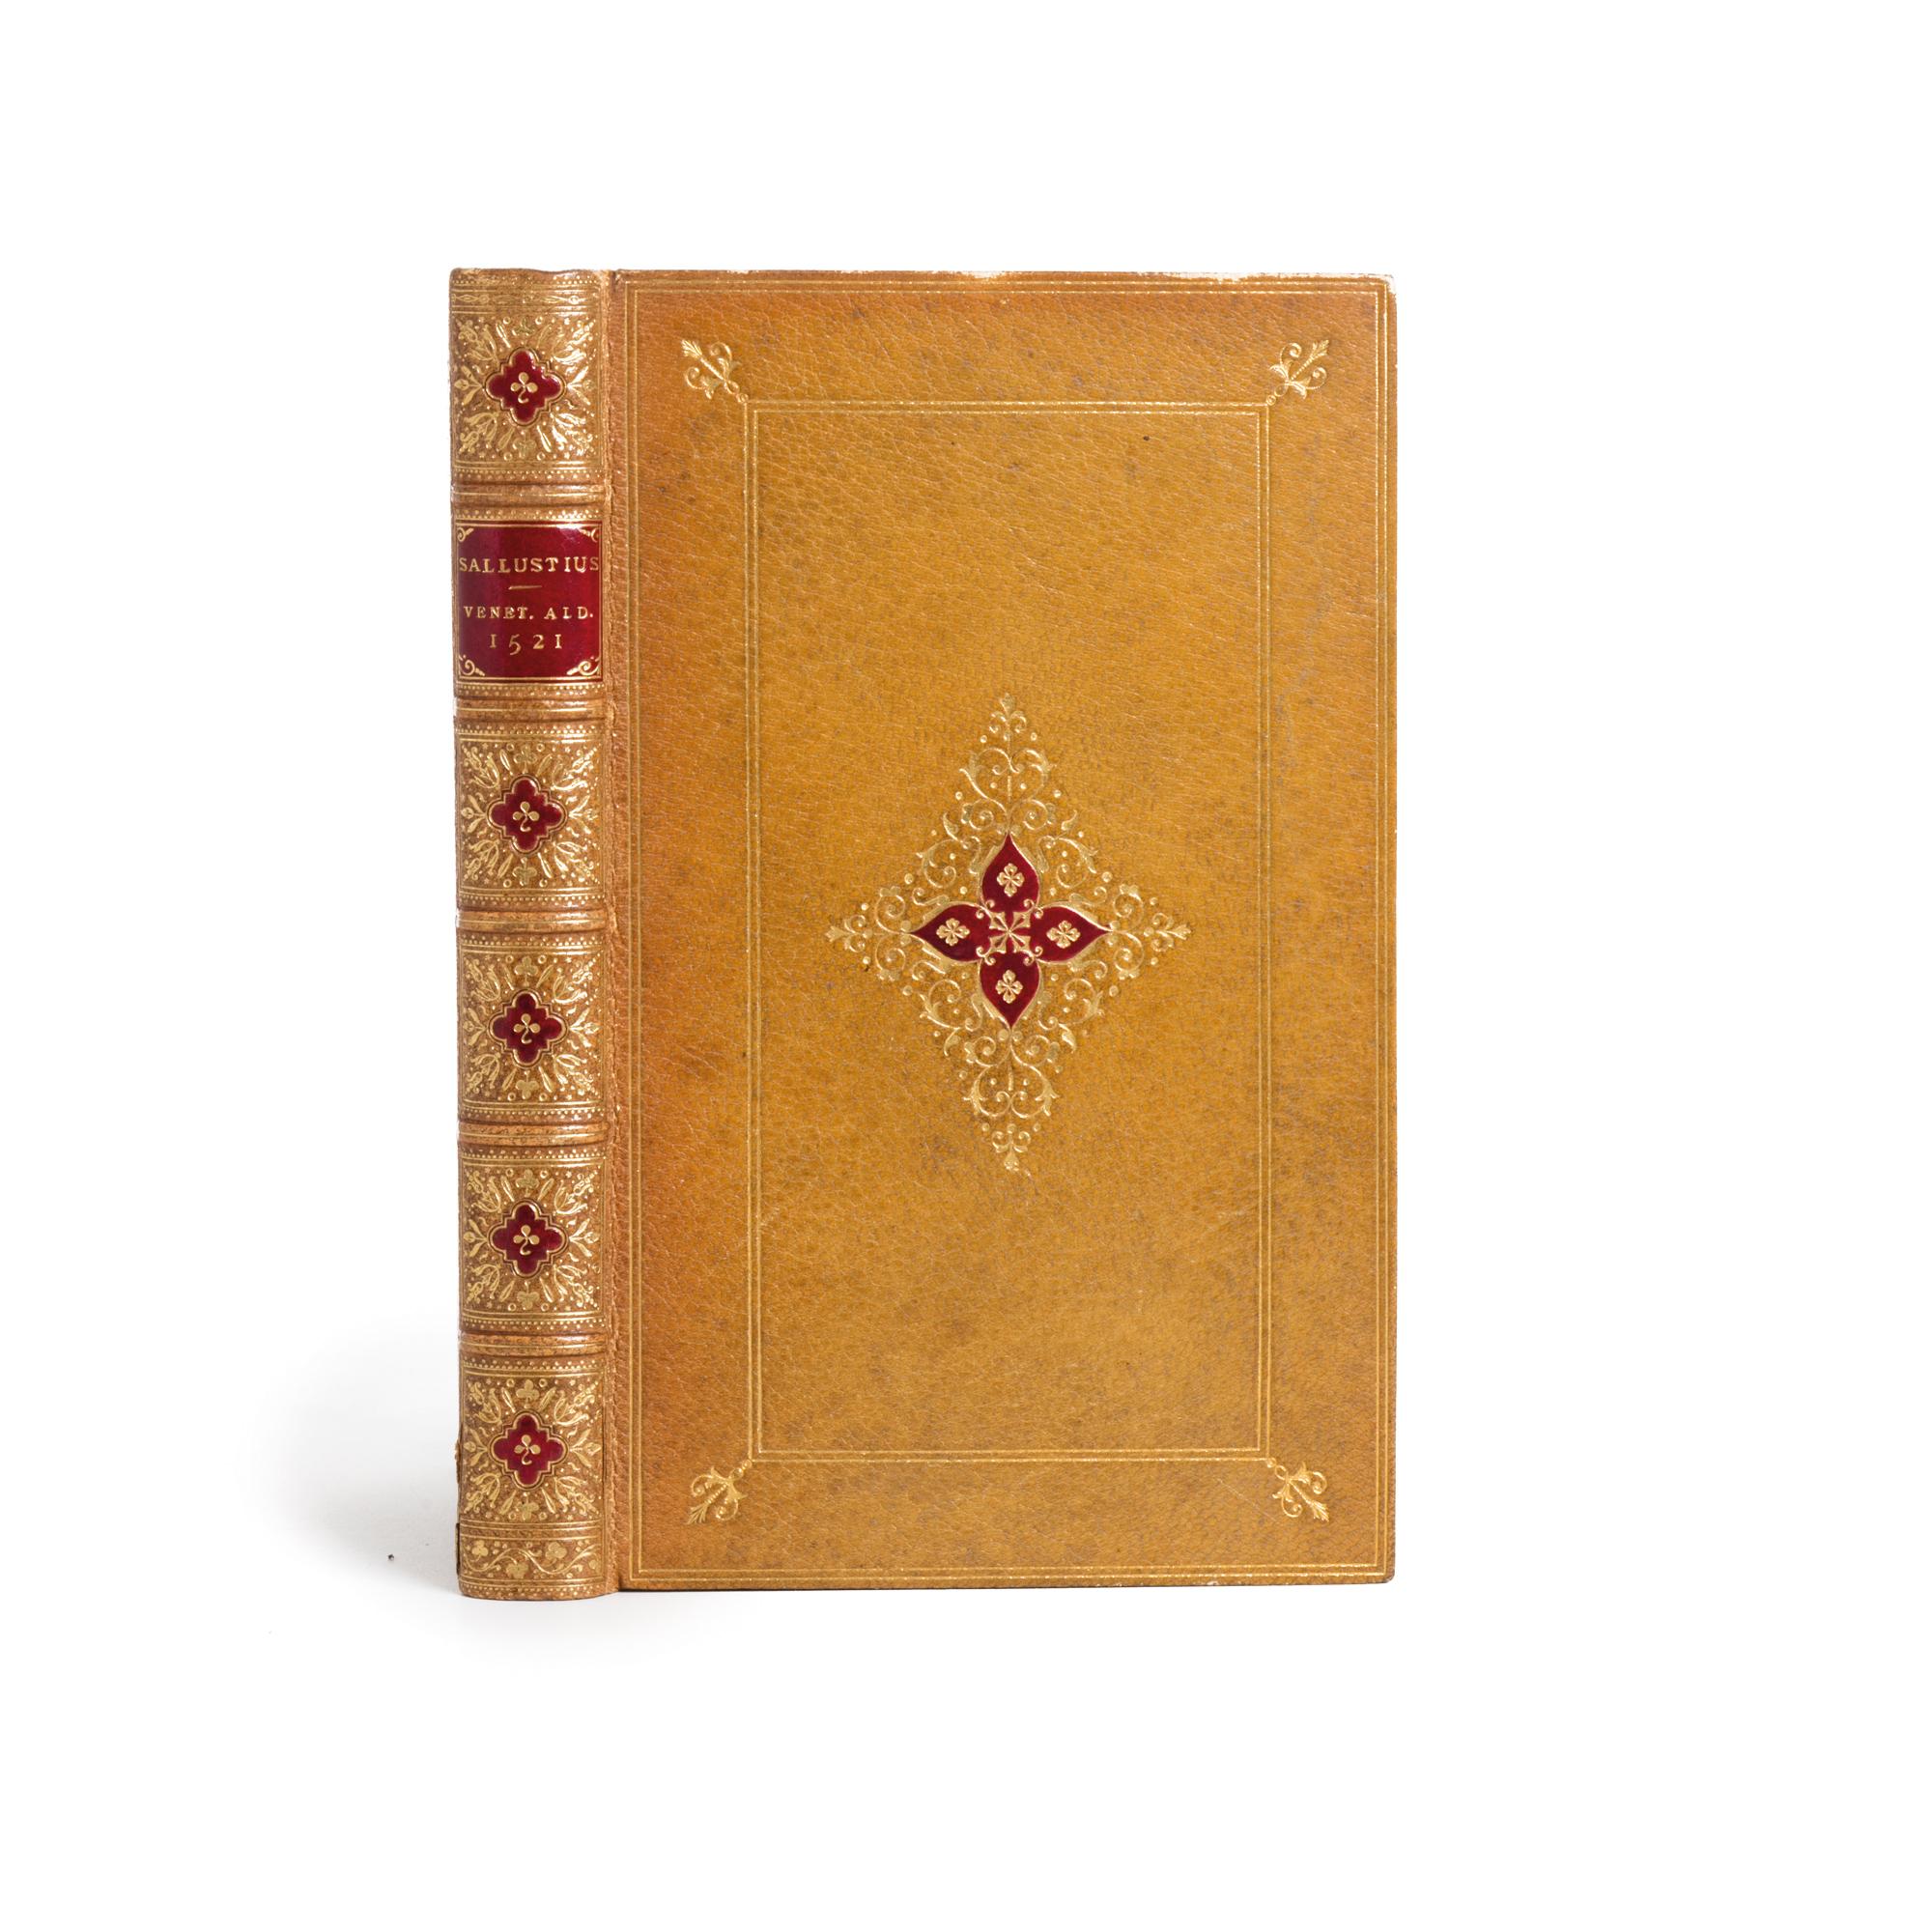 De coniuratione Catilinae. Eiusdem De bello Iugurthino. Orationes quaedam ex libris Historiarum